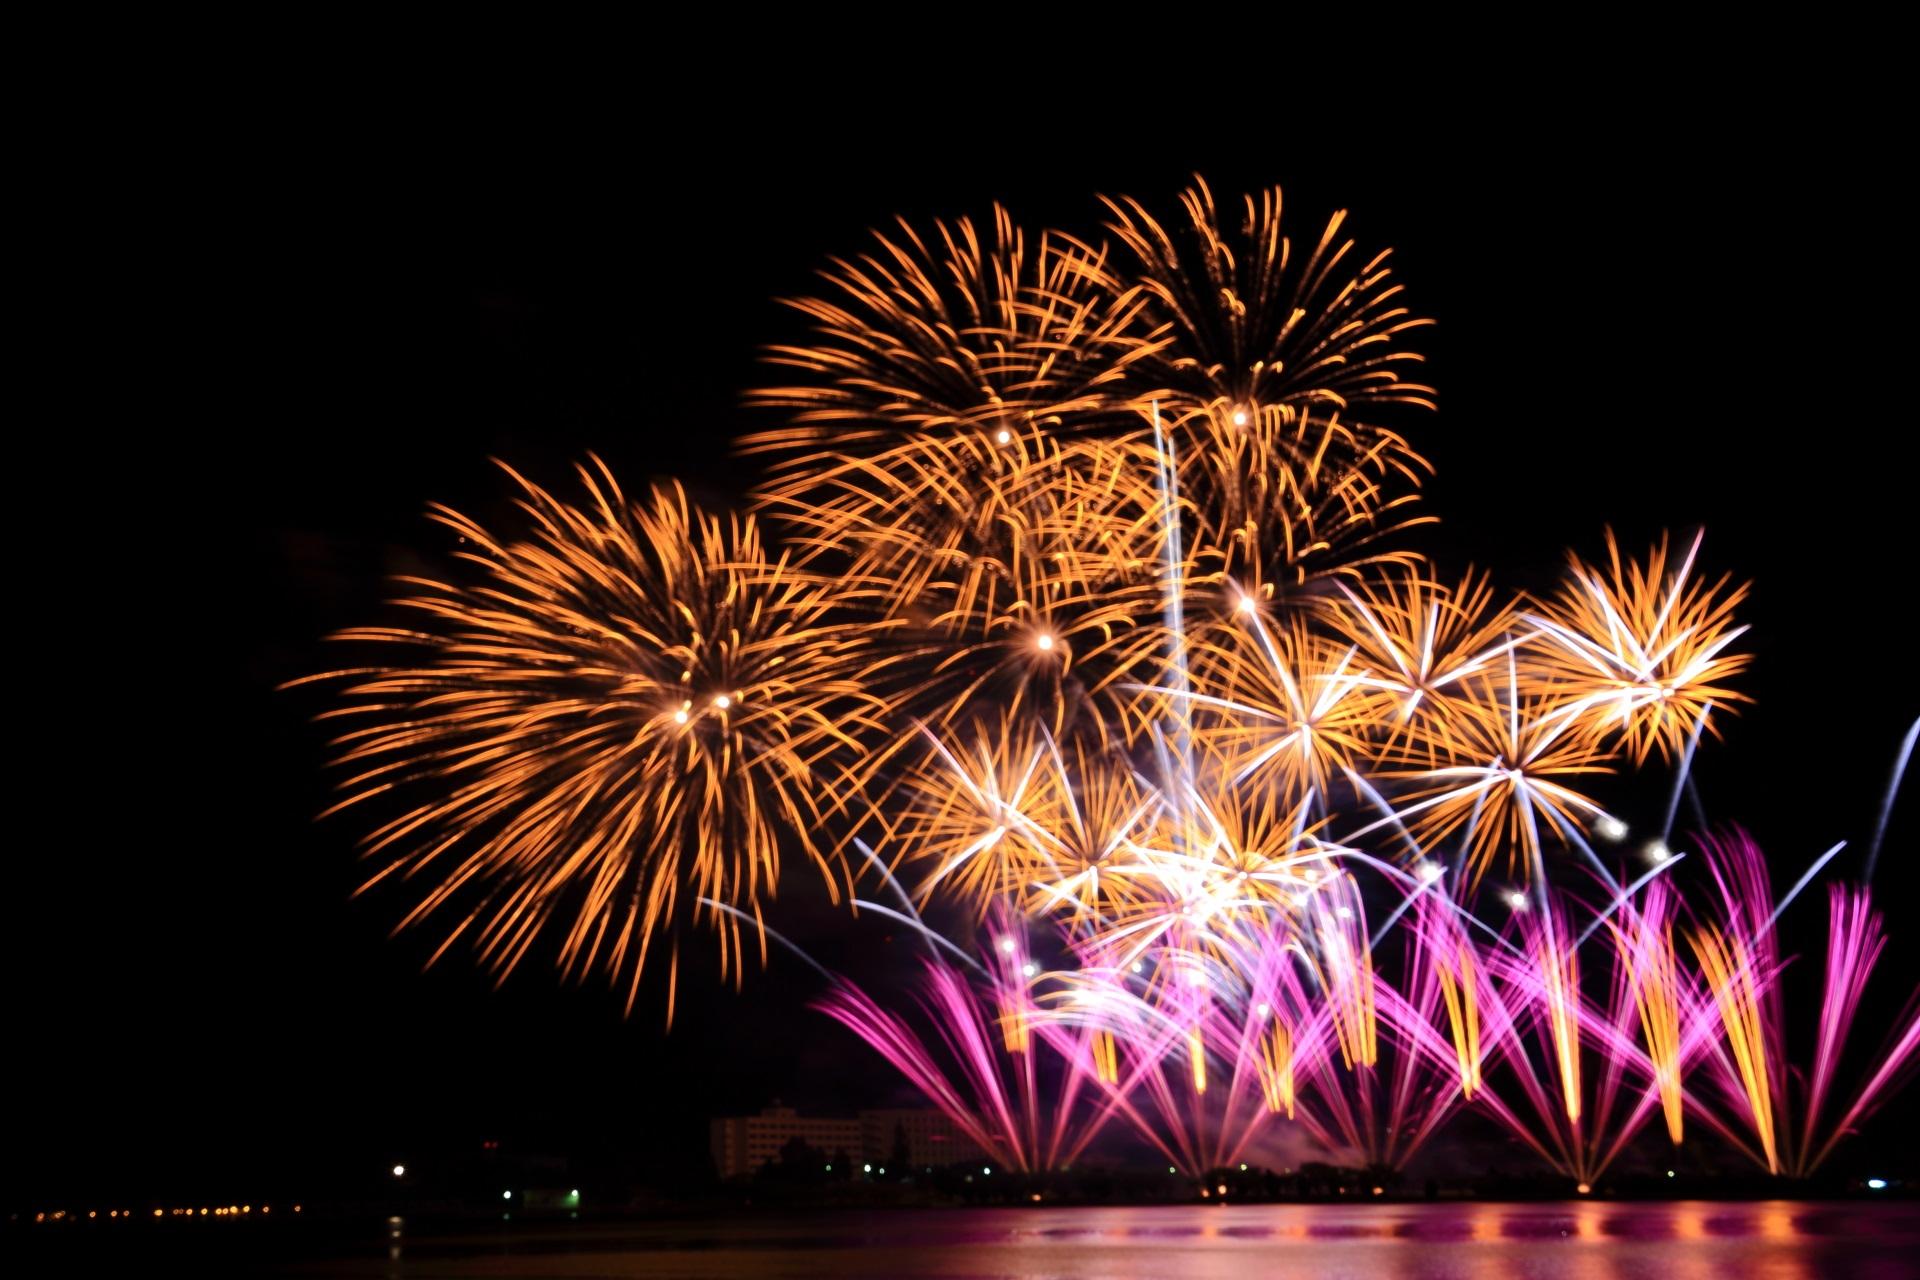 舞鶴港をそめる上はオレンジで下は紫の花火